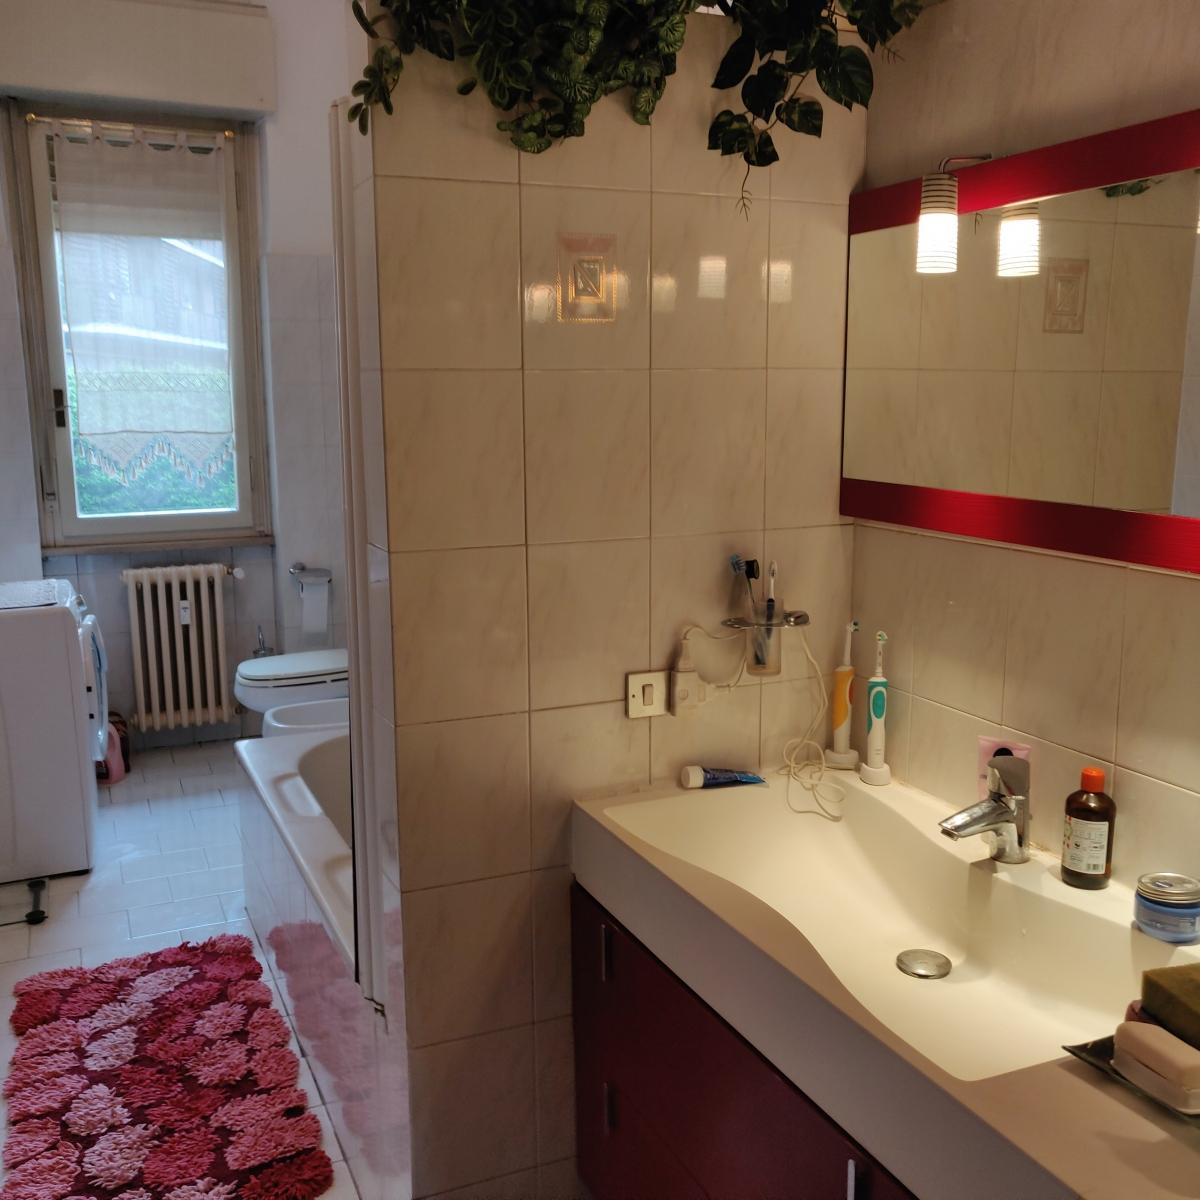 appartamento-in-vendita-baggio-via-gianella-3-locali-spaziourbano-immobiliare-vende-8